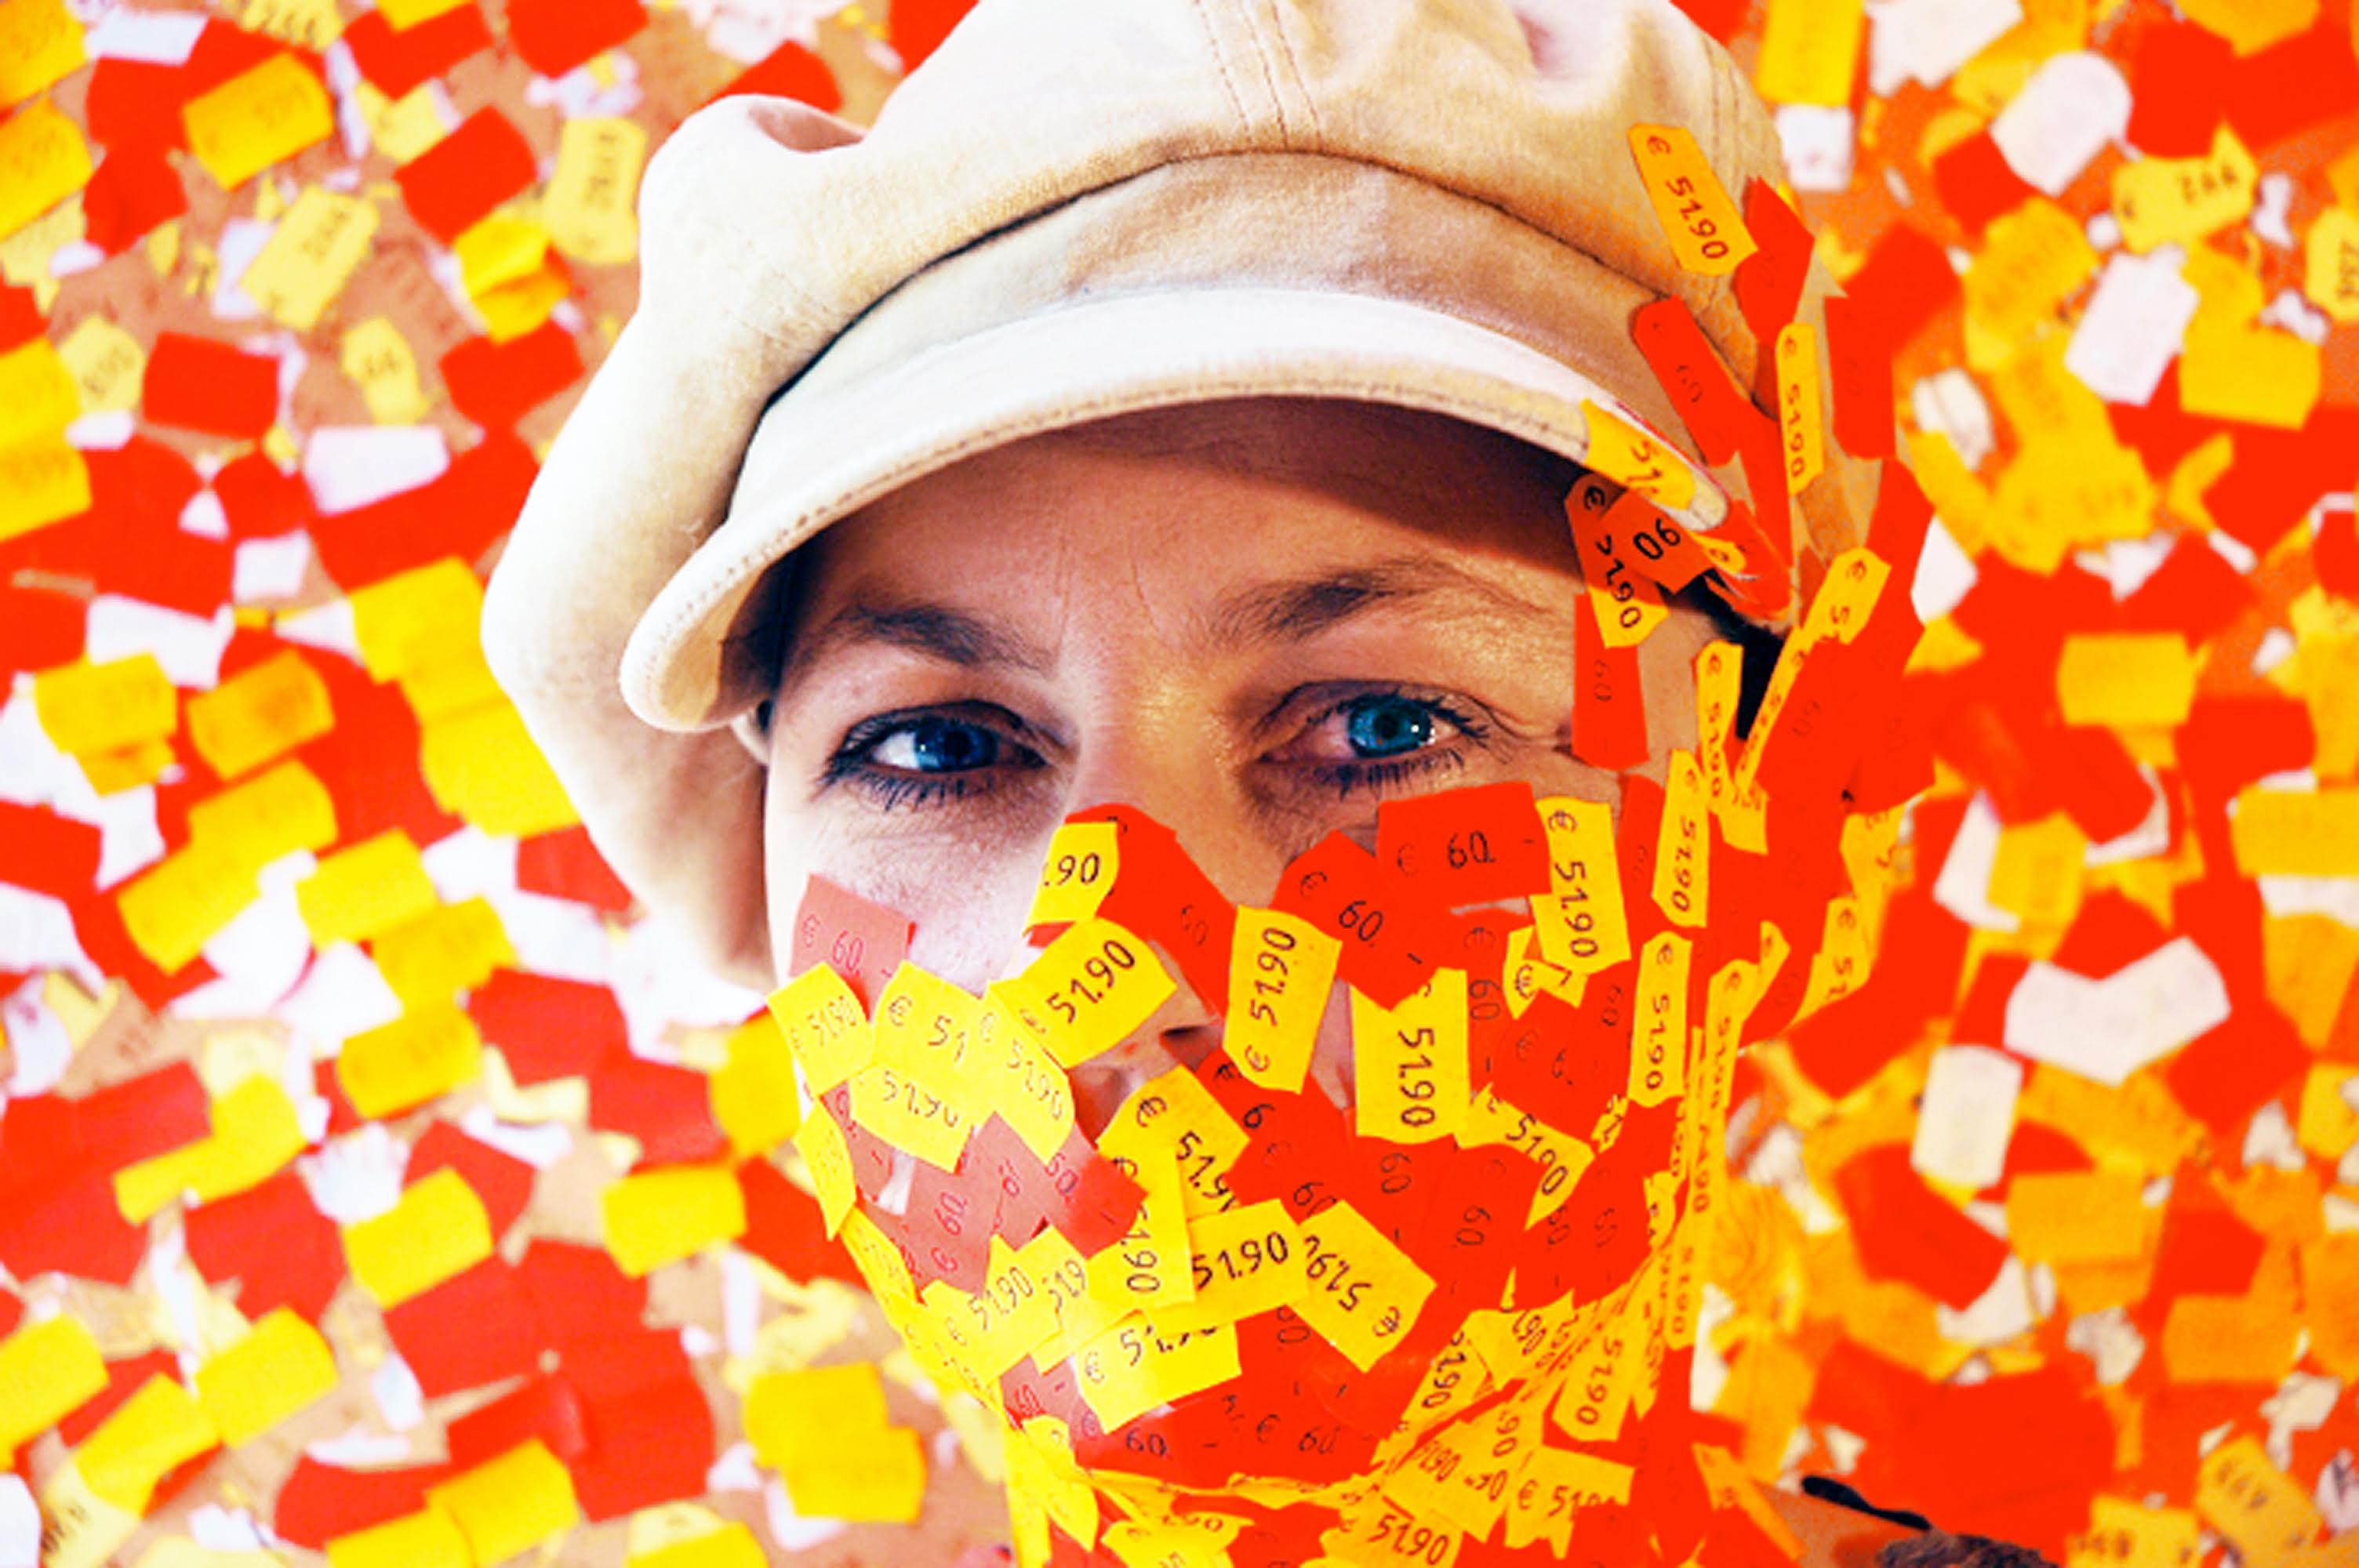 Foto - atelier-dreieck - Künstlerin Kerstin Schultz